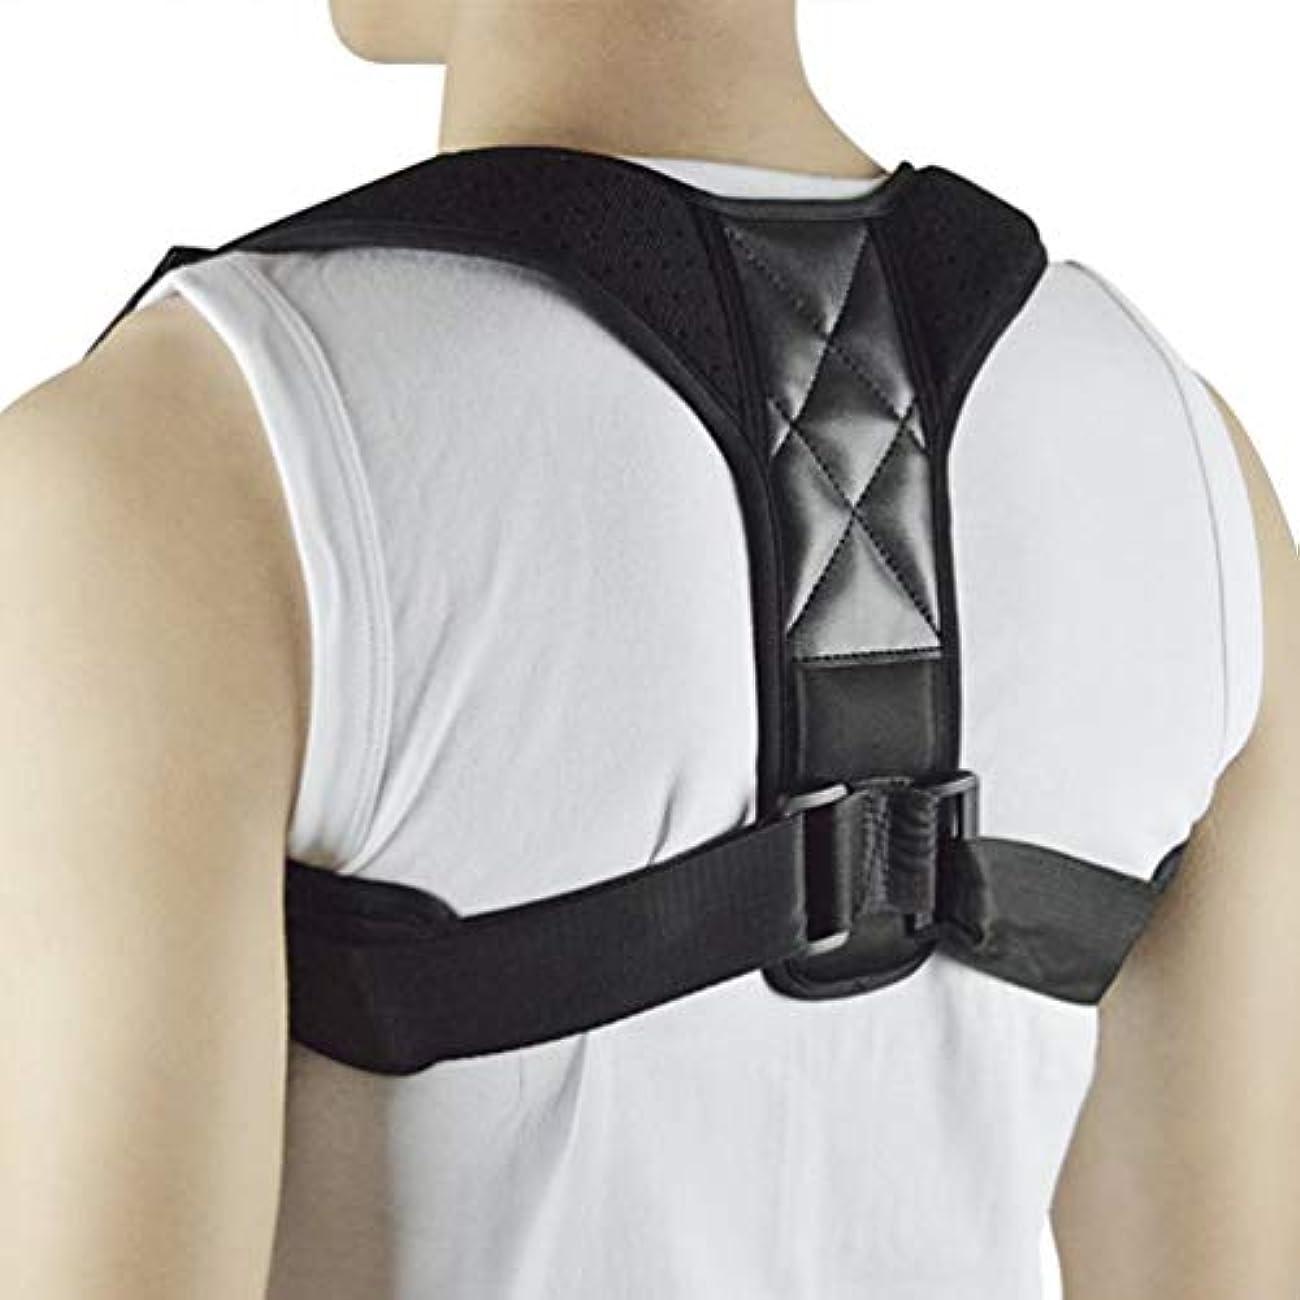 前任者憂慮すべき真空WT-C734ザトウクジラ矯正ベルト大人の脊椎背部固定子の背部矯正 - 多色アドバンス